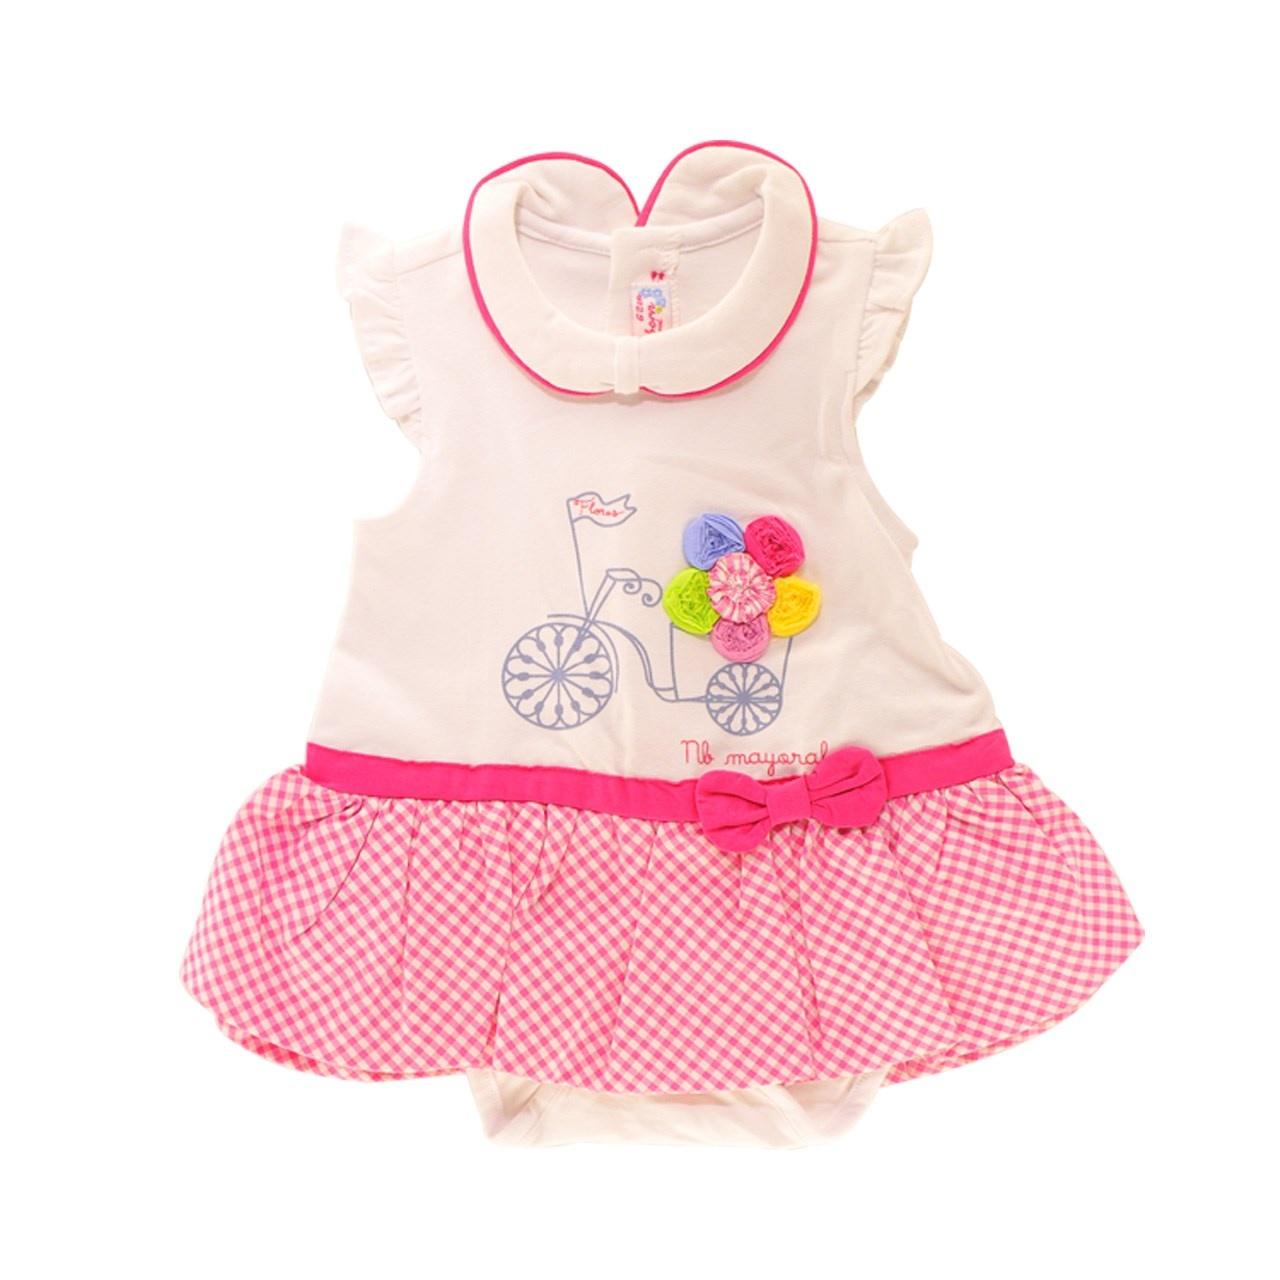 پیراهن دخترانه نوزاد مایورال مدل MA 184659